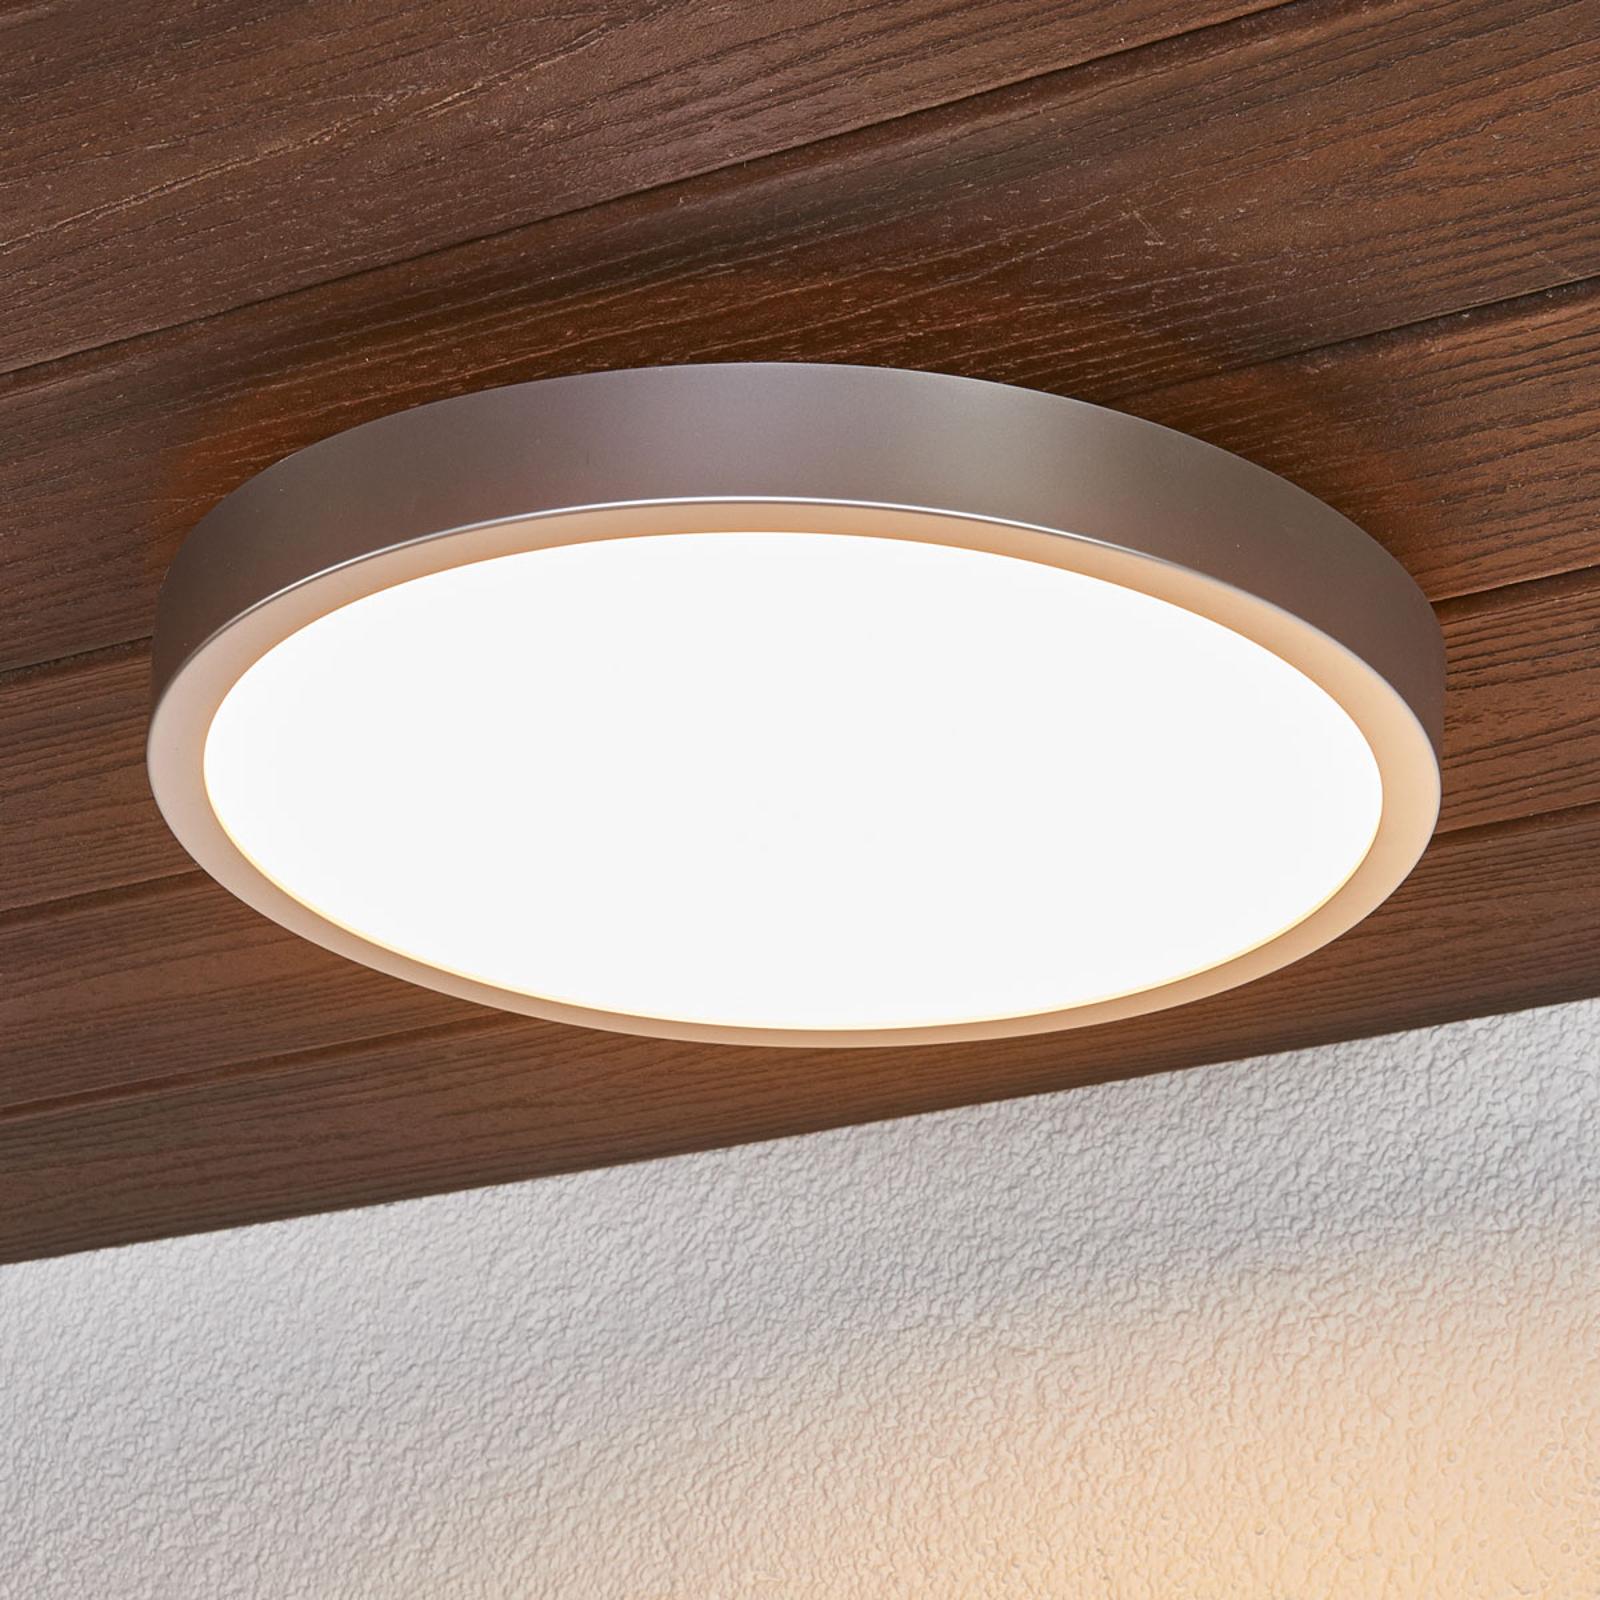 Liyan - Zilveren LED plafondlamp voor de badkamer